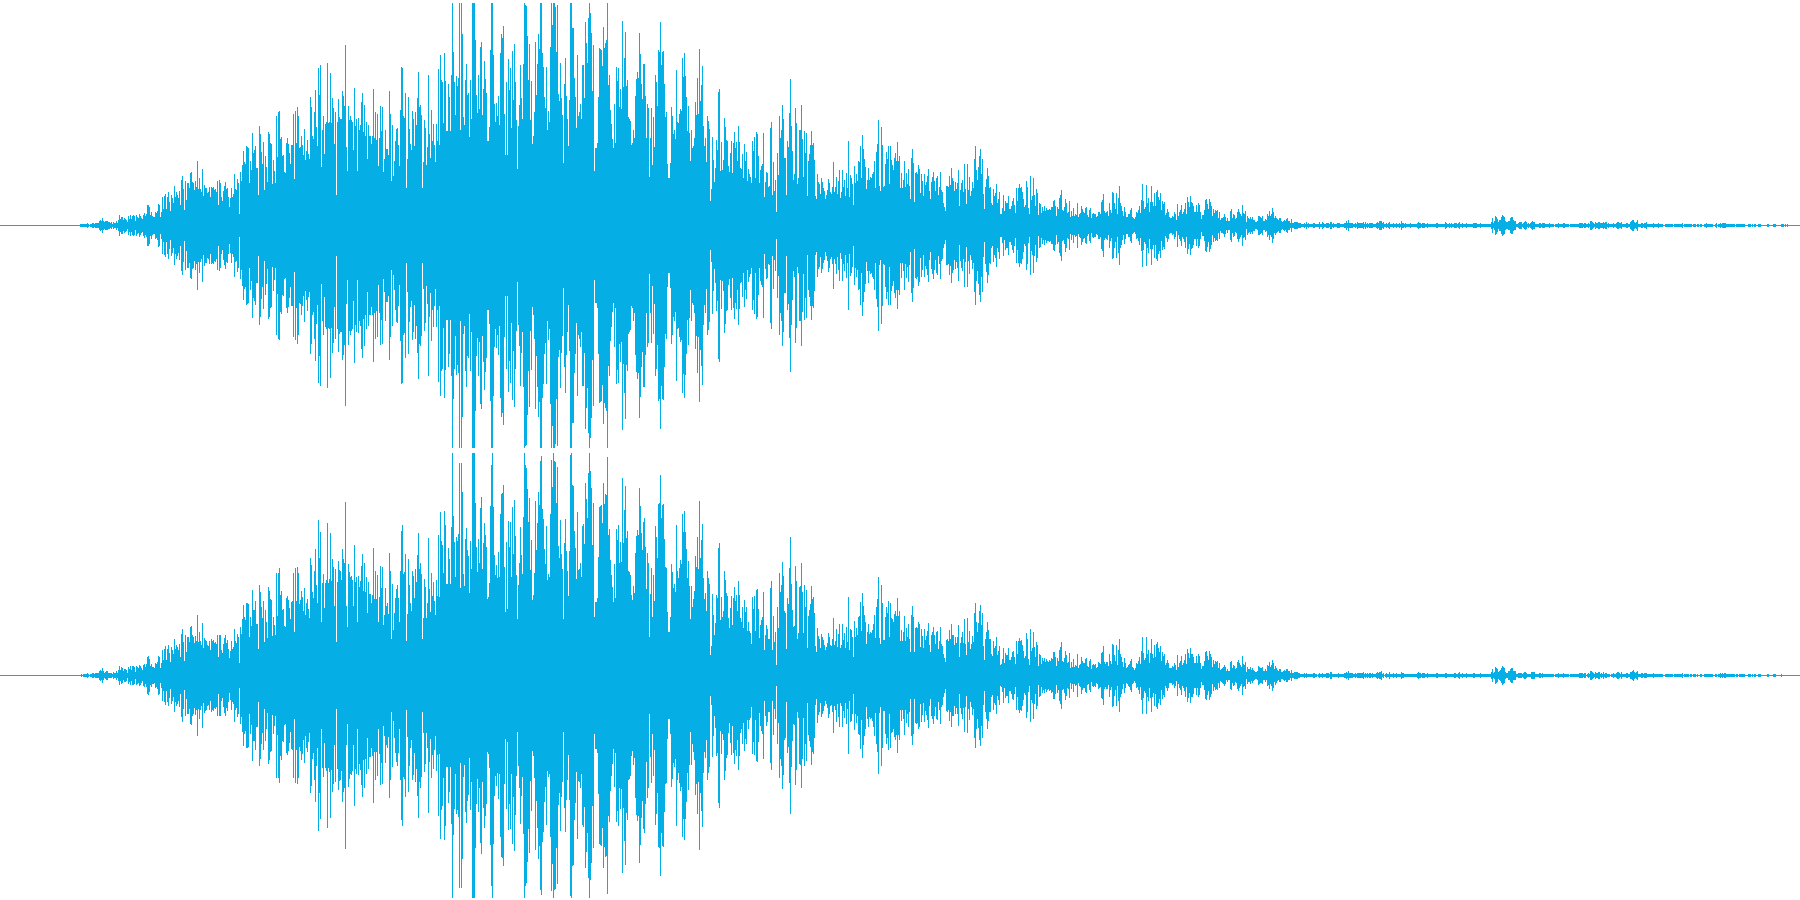 グサッ(剣がささるダメージ音、攻撃、刀)の再生済みの波形